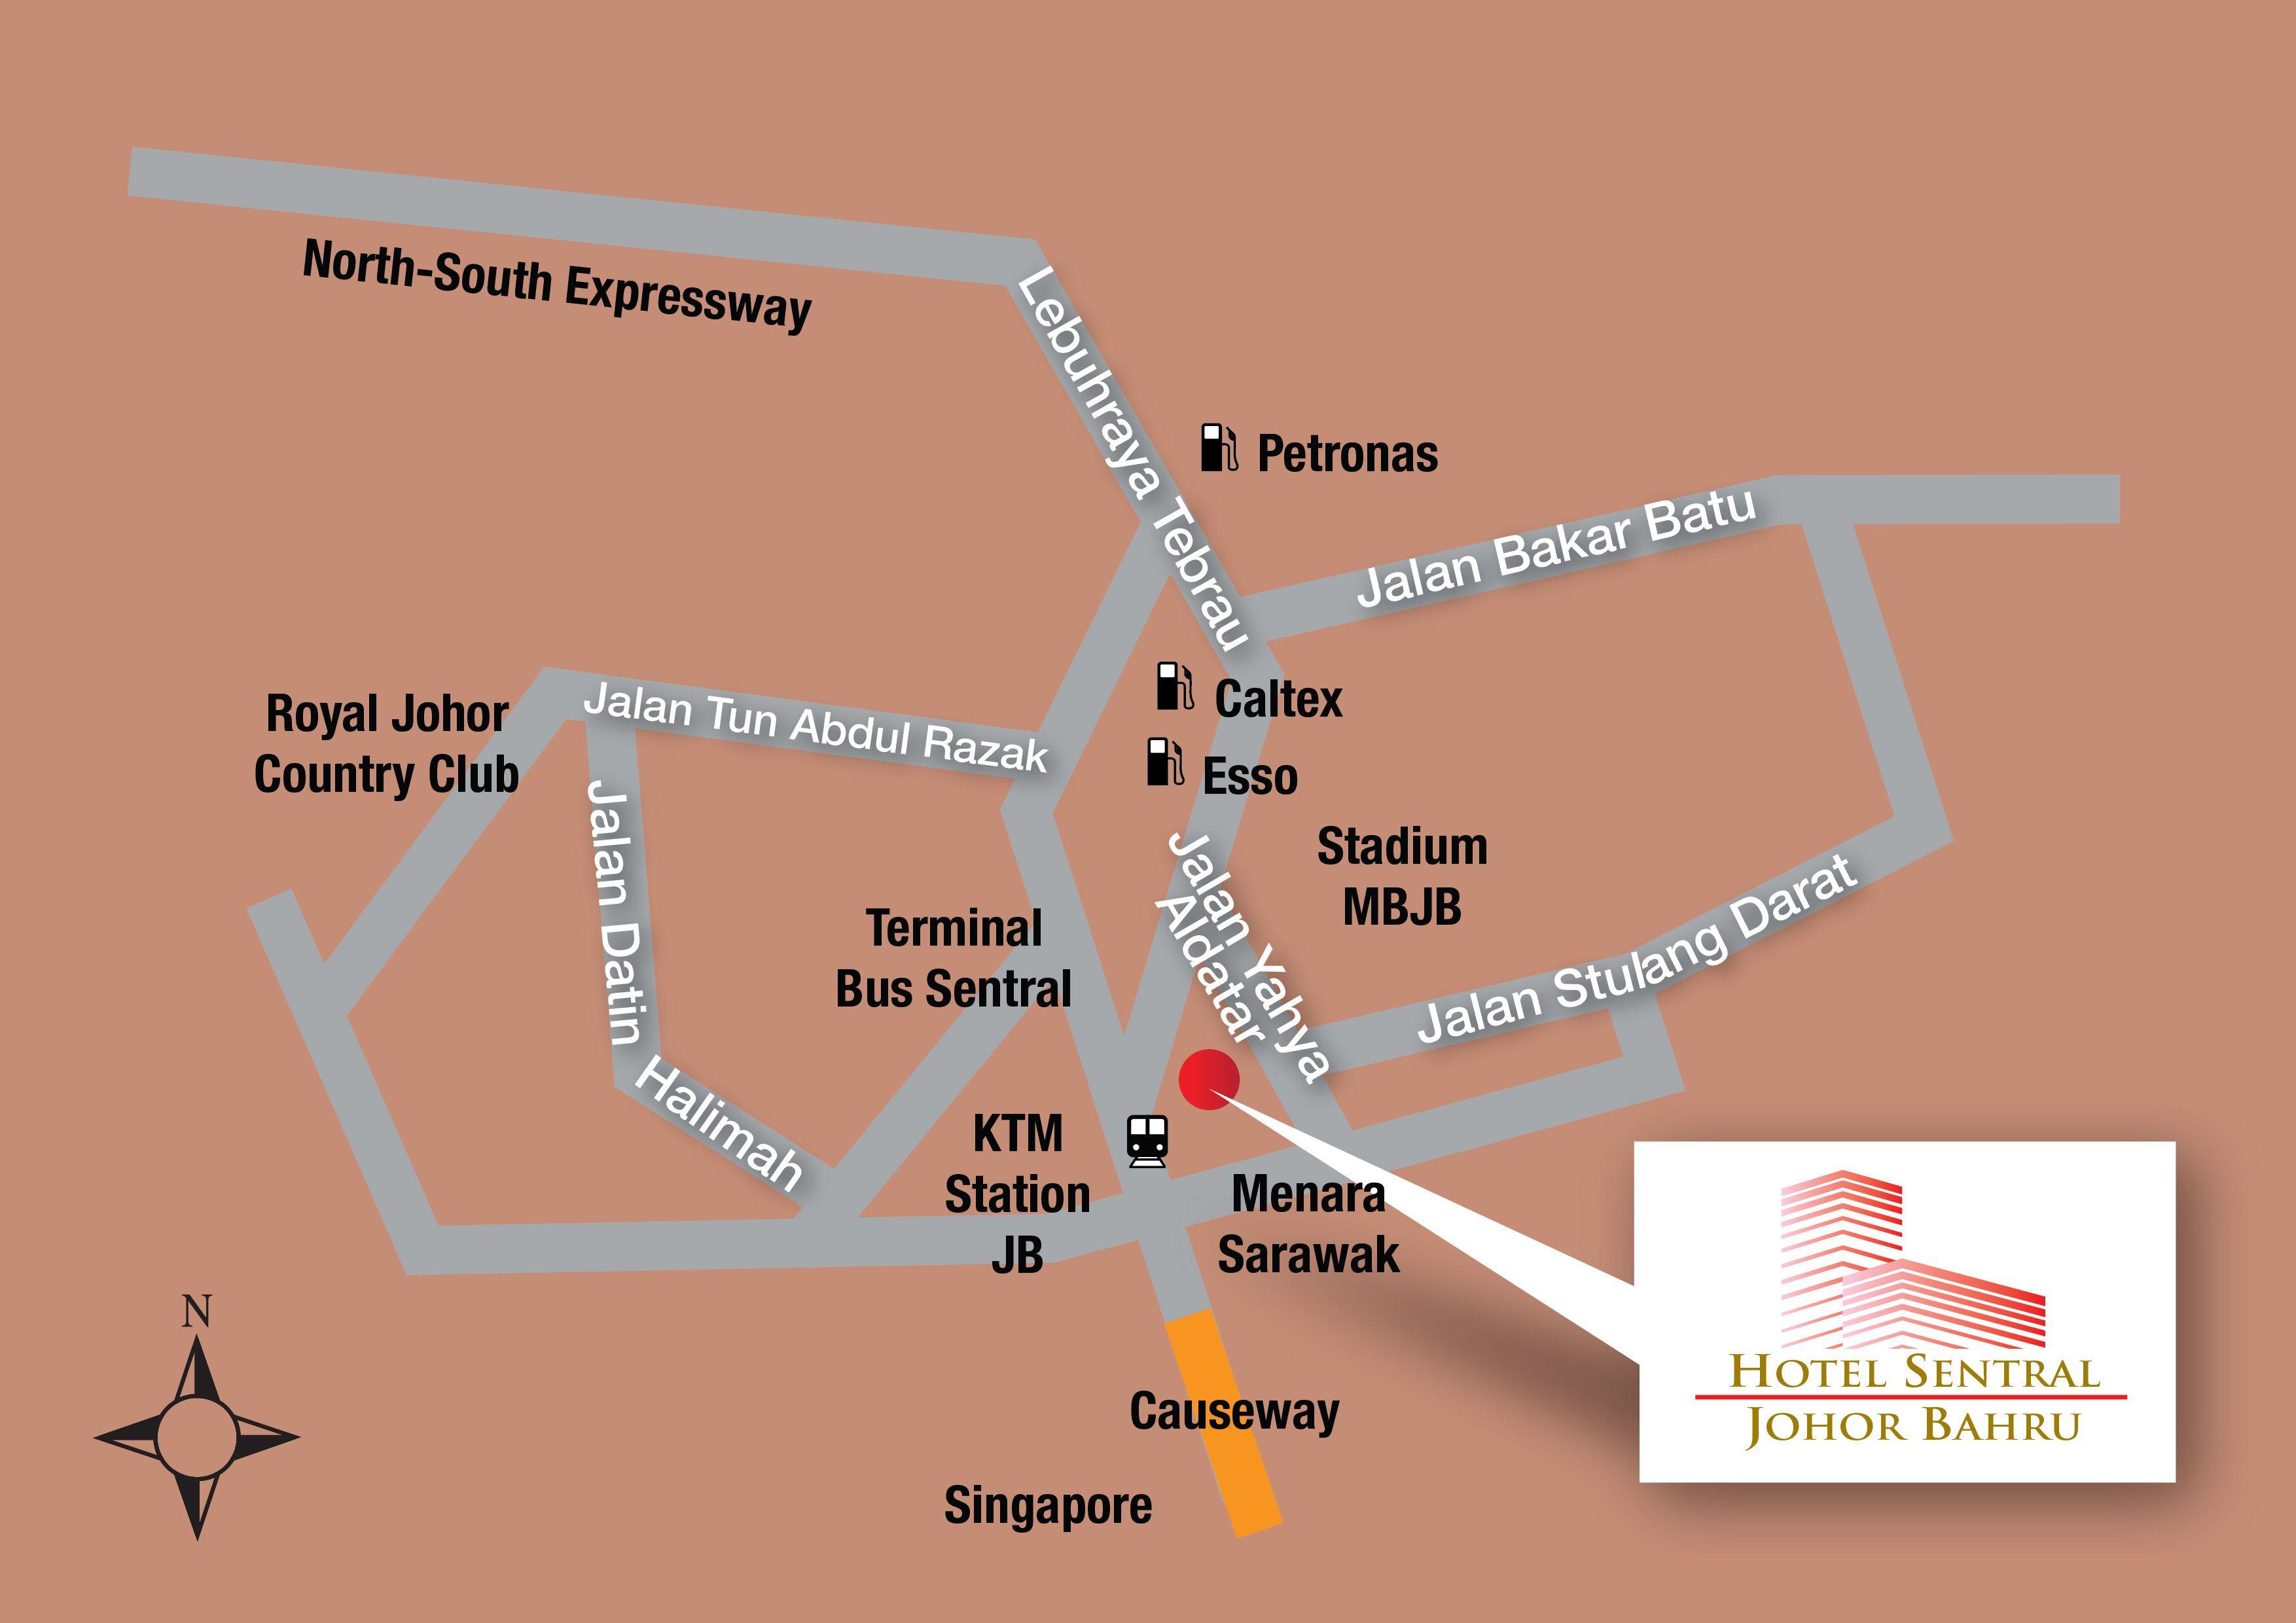 Hotel Sentral Johor Bahru Hotel Sentral Johor Bahru Location Map Follow Us Https Www